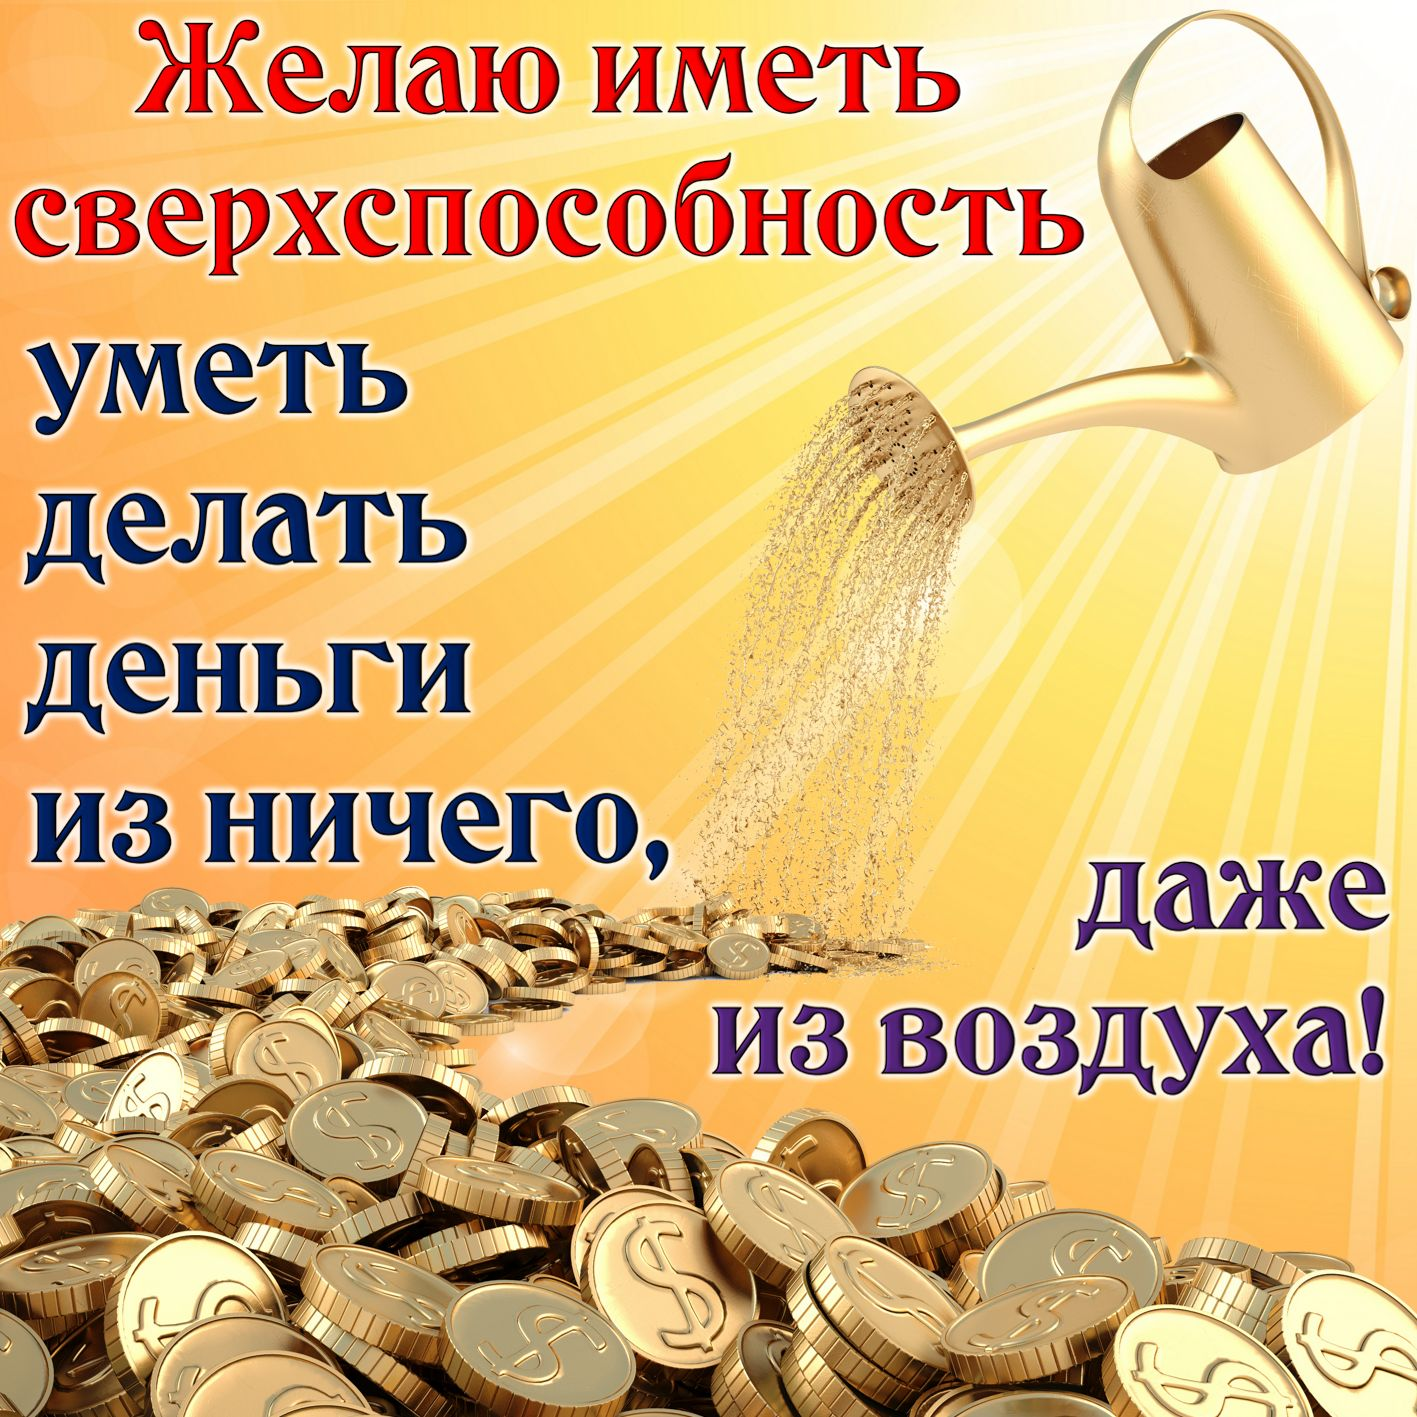 Поздравление деньгами в стихах прикольные